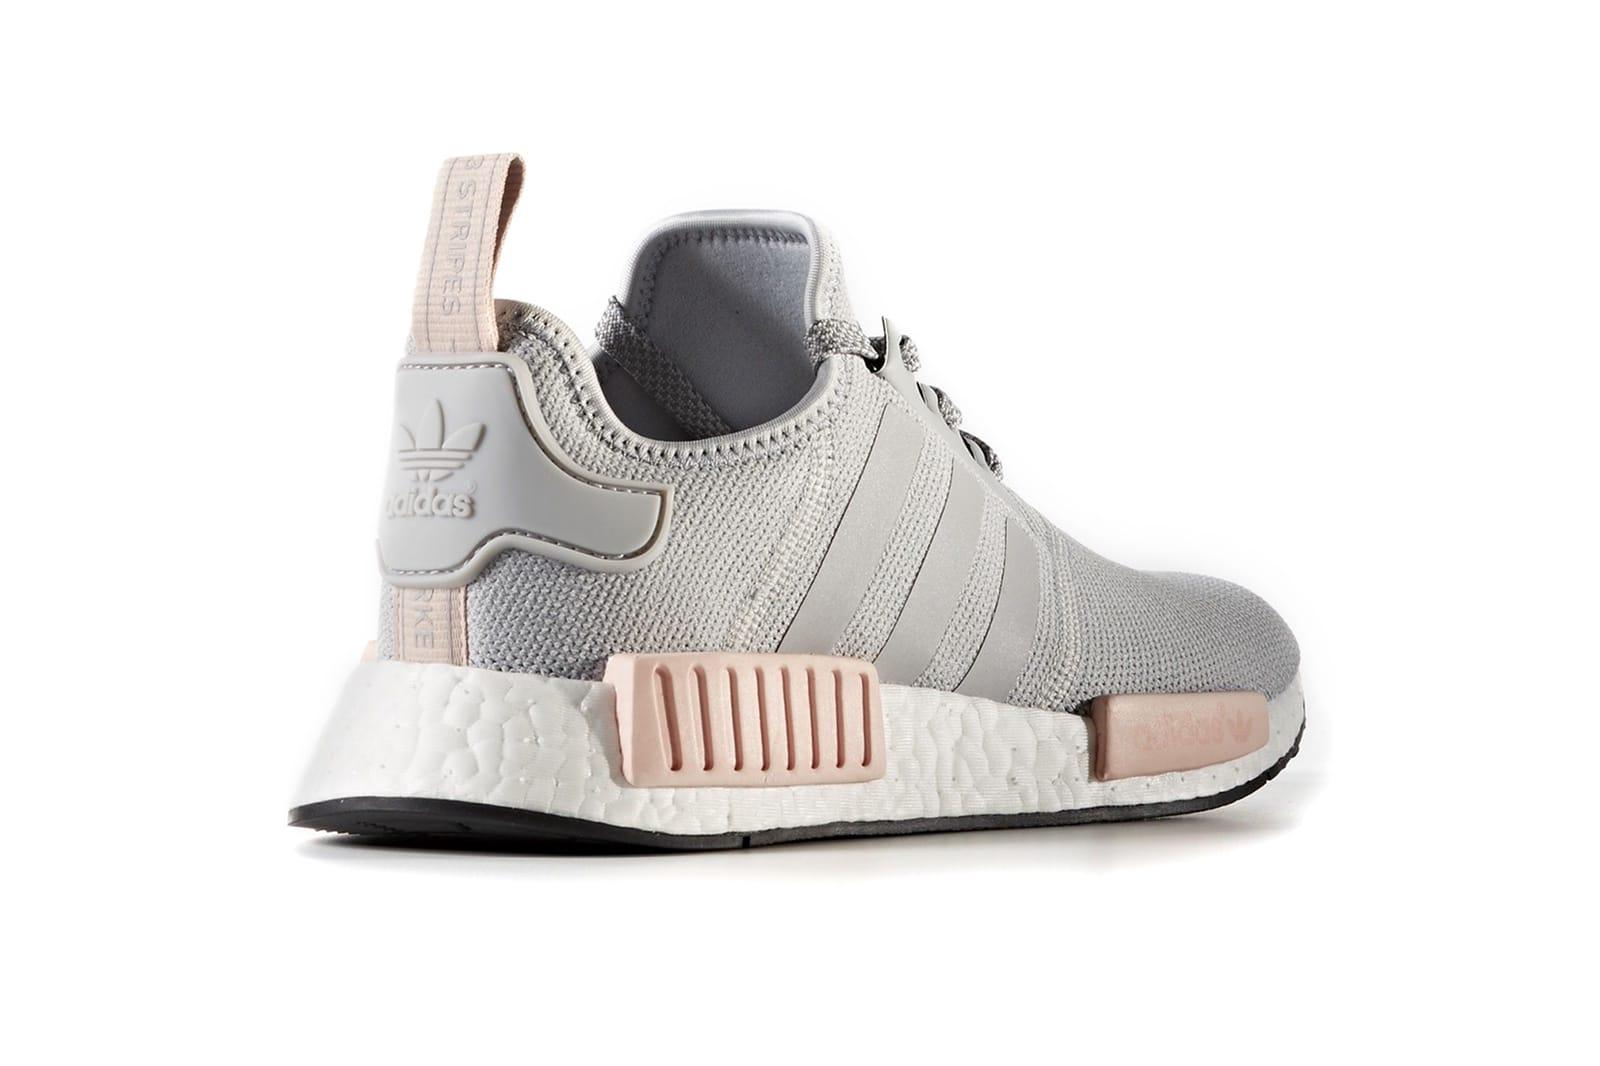 Grey adidas NMDs Restock at Foot Locker